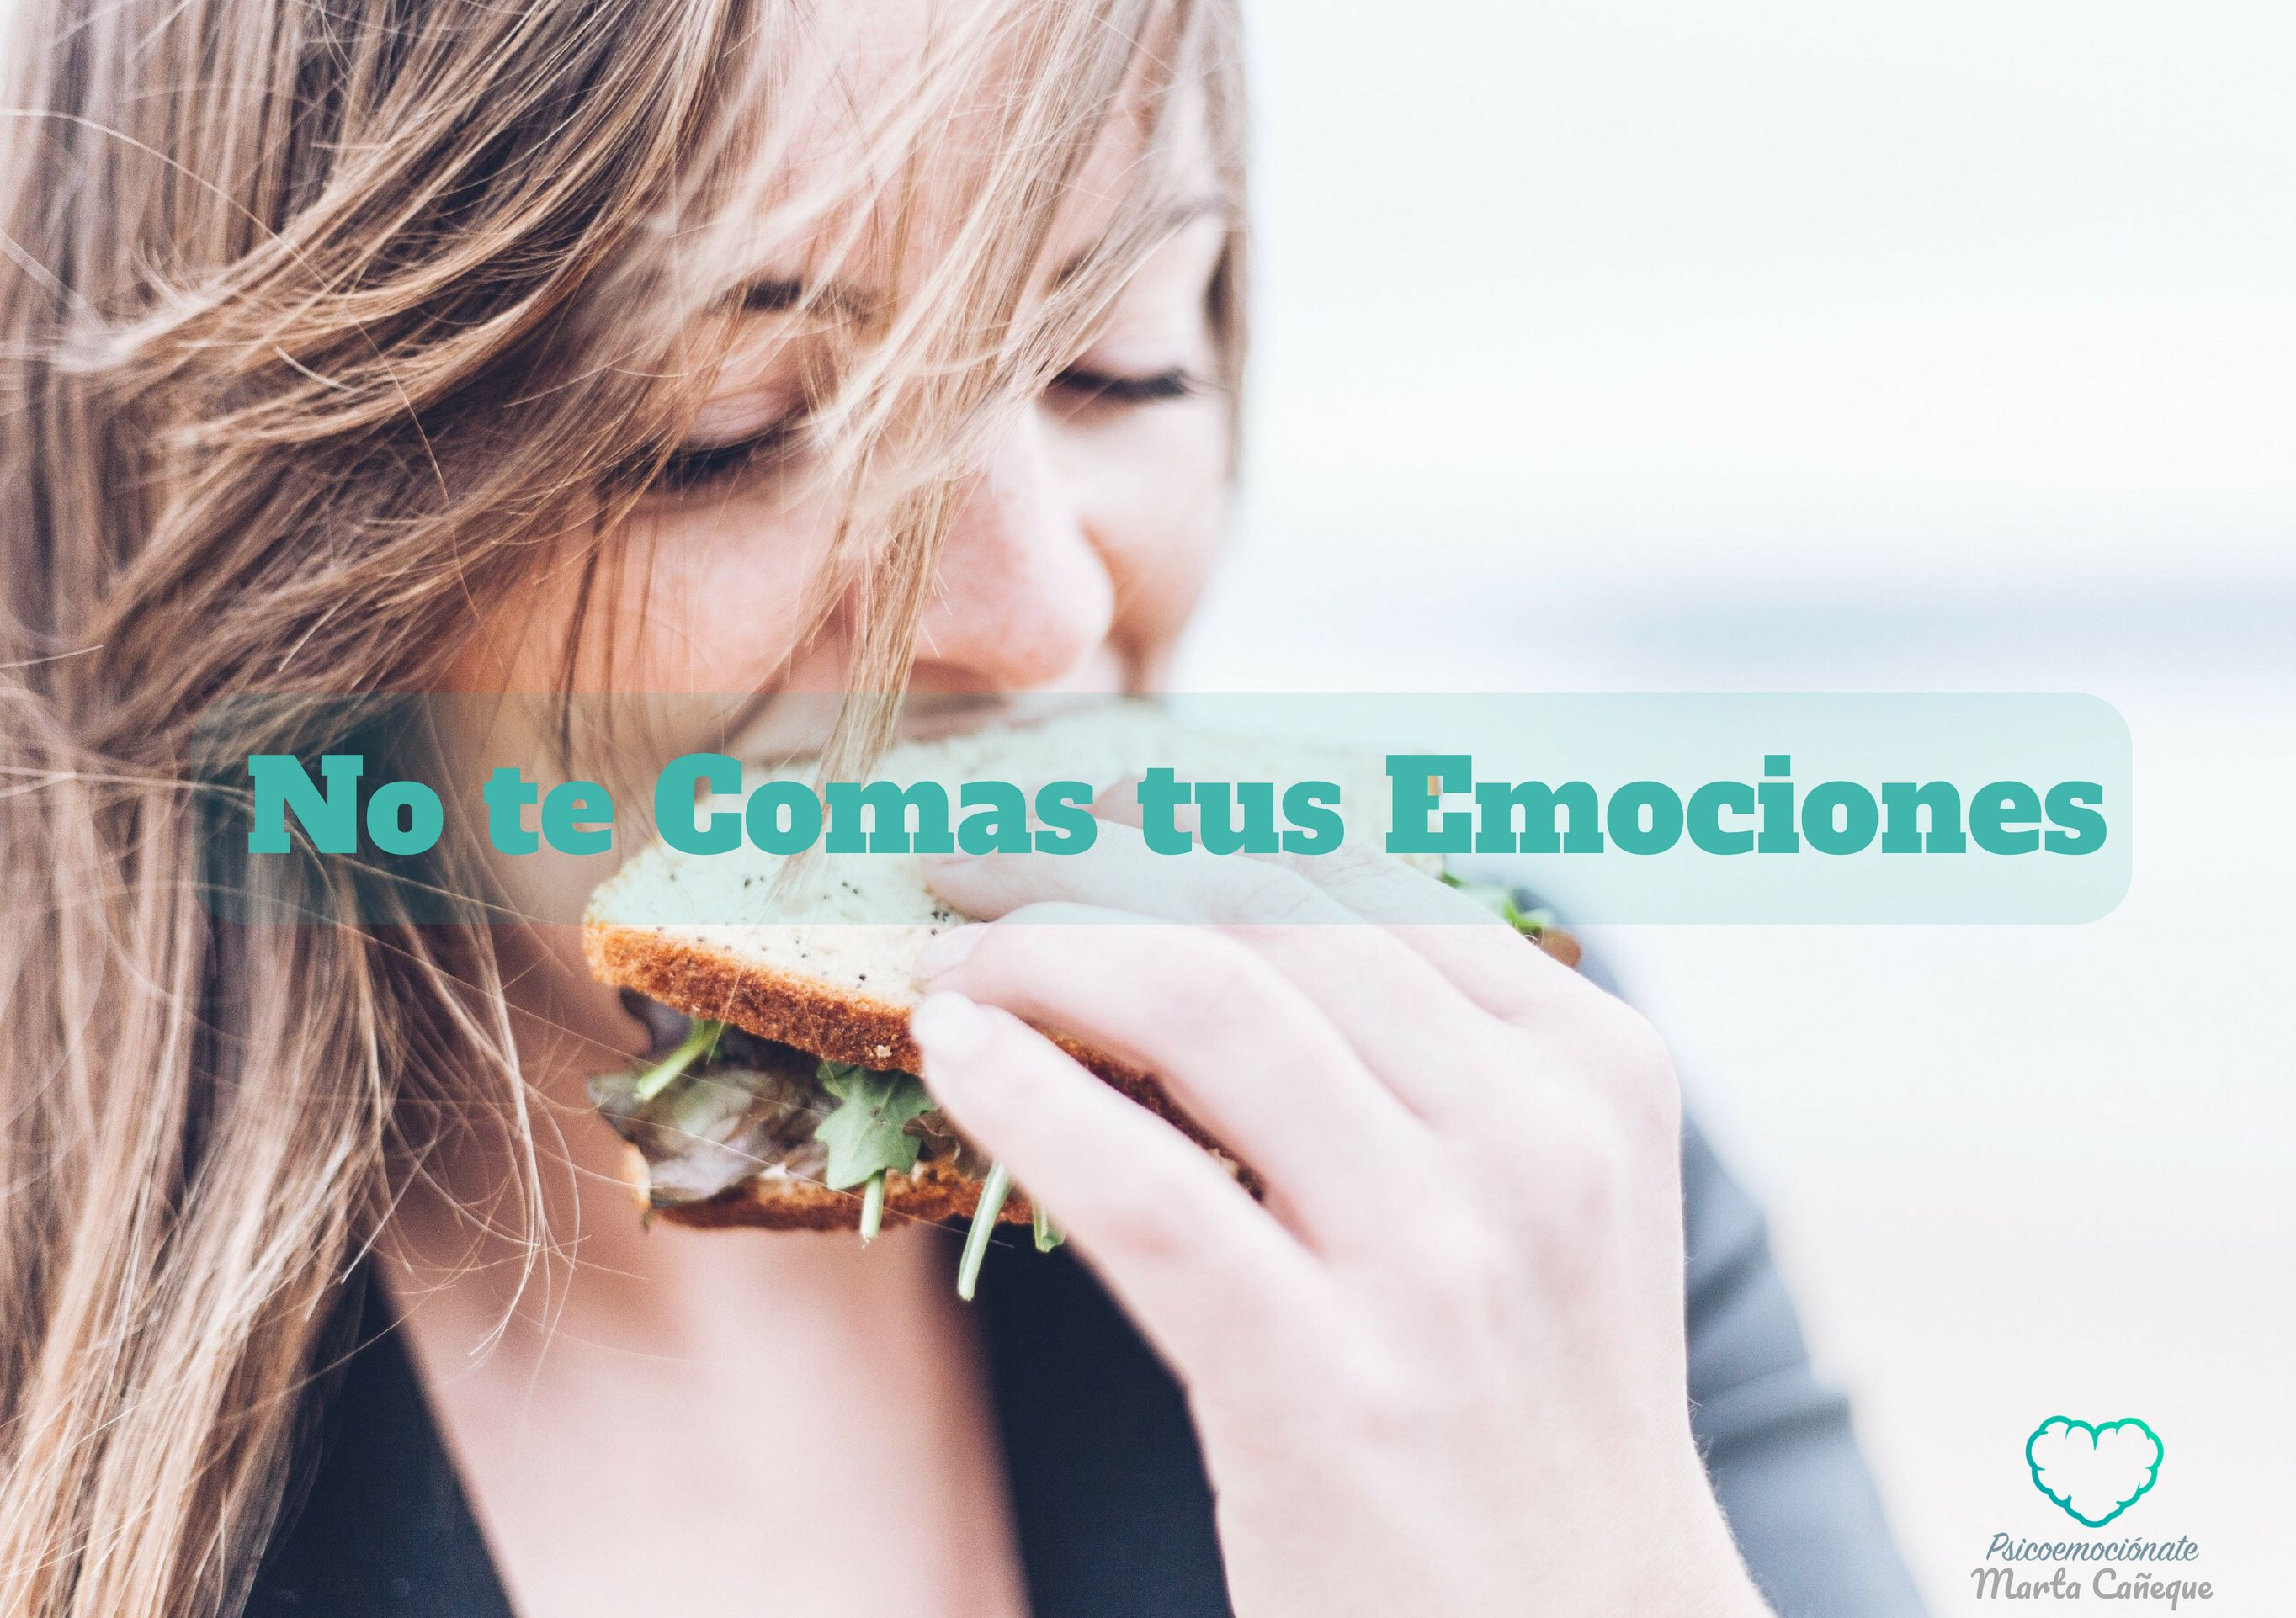 No te comas tus emociones, hambre emocional